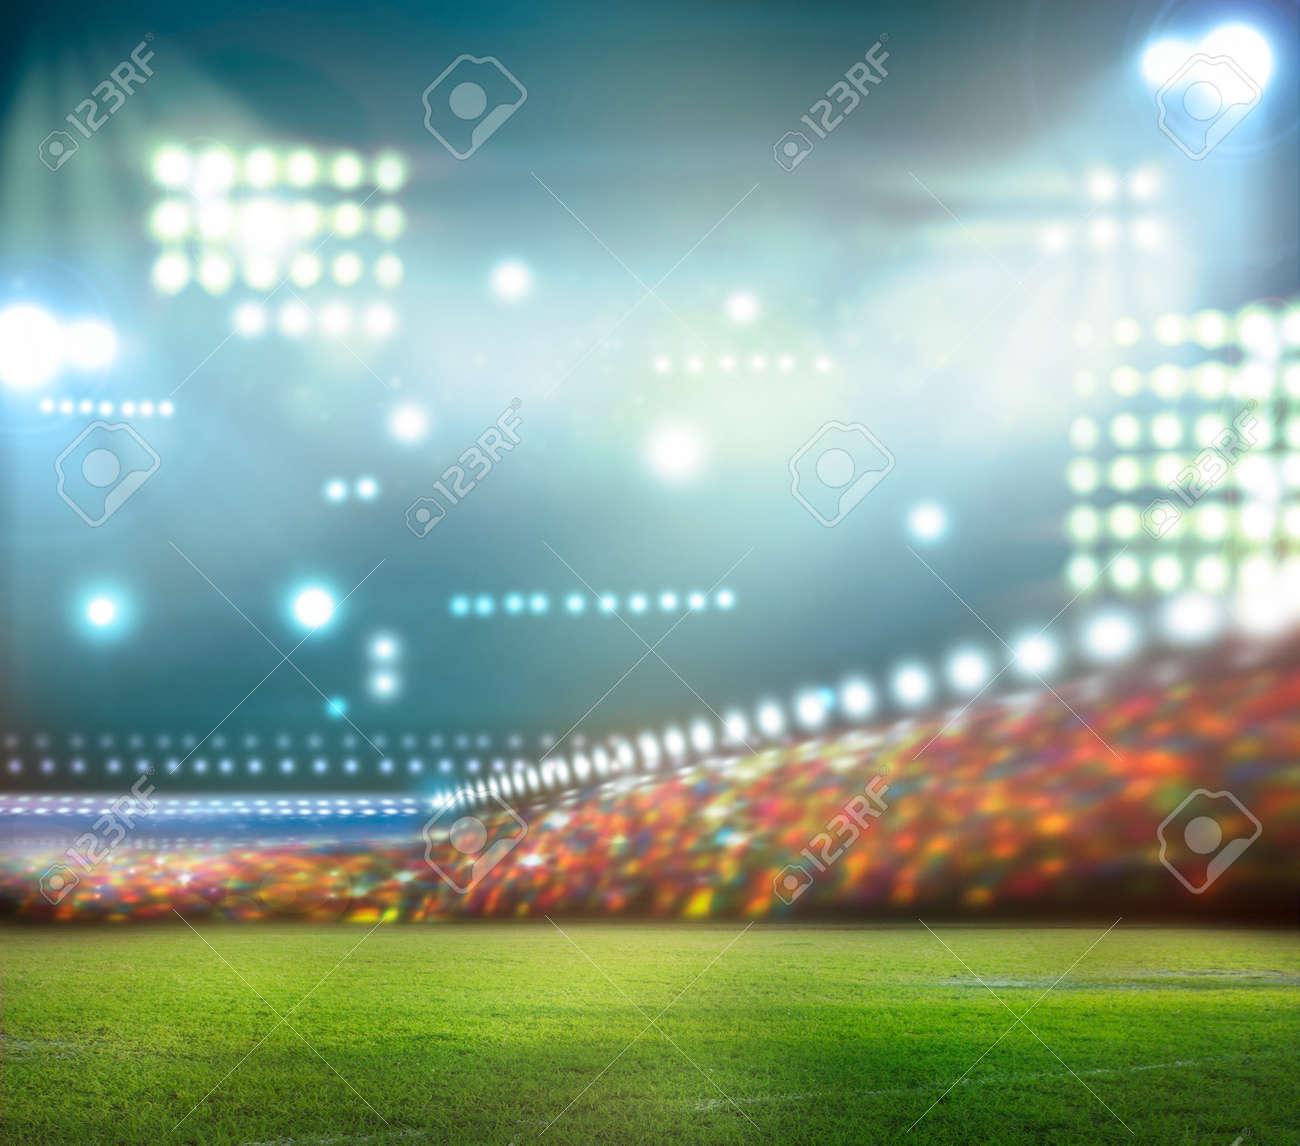 stadium lights at night and stadium - 31641327